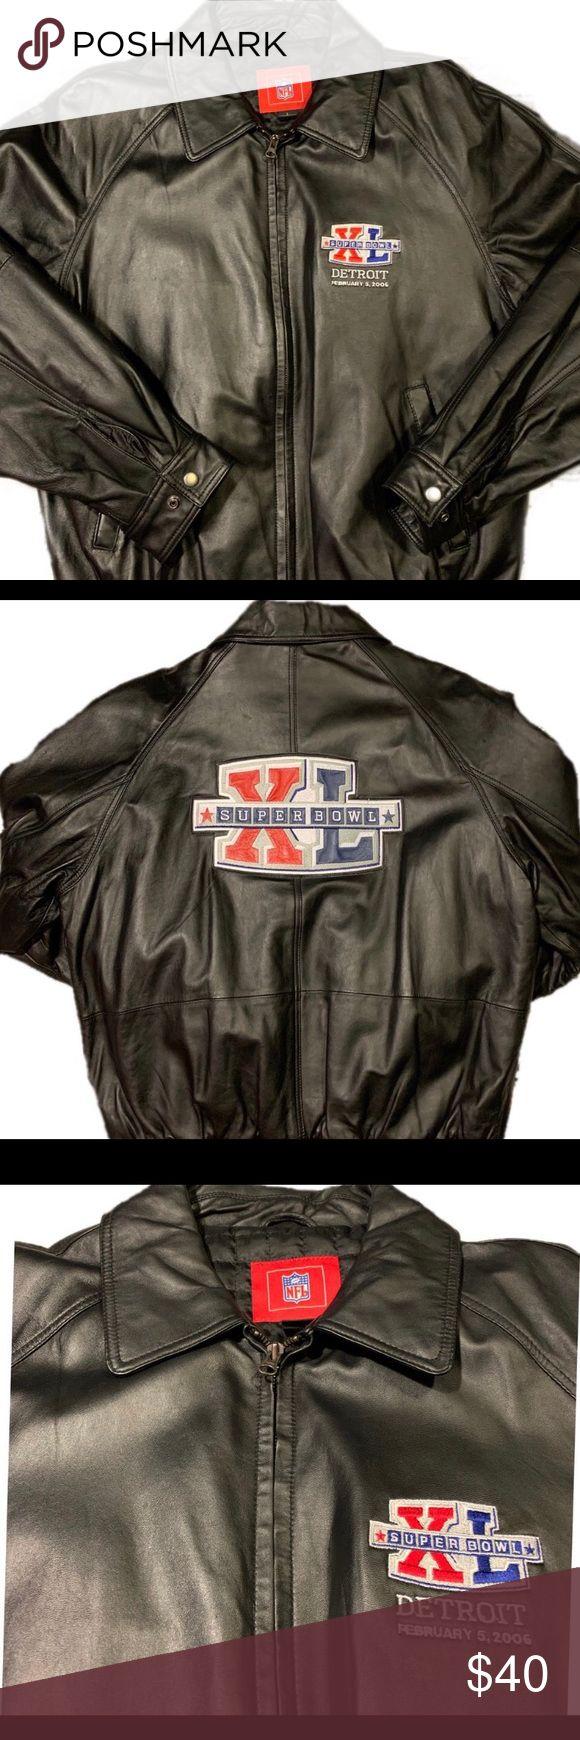 Vintage 2006 Super Bowl NFL Leather Jacket in 2020